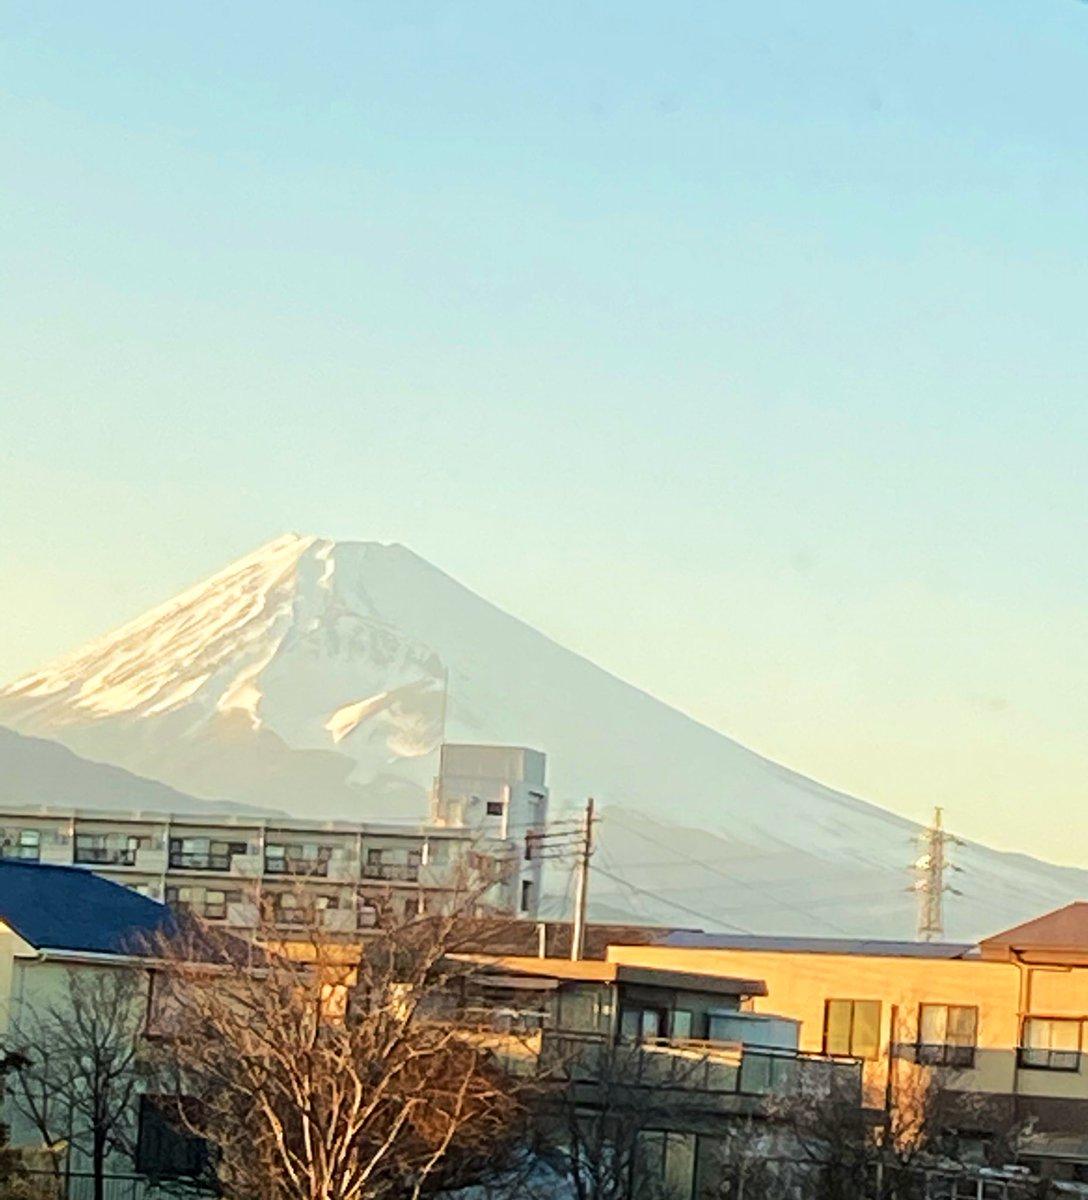 陽が沈む前の 今日の富士山🗻 #monsta_x7 #monstax #monbebe #AllAboutLuv  日本から 祈ります🙏✨ 7人に  会いたい🐻🐰🐶🐹🐢🐝🐺💖 @OfficialMonstaX  @Official_MX_jp